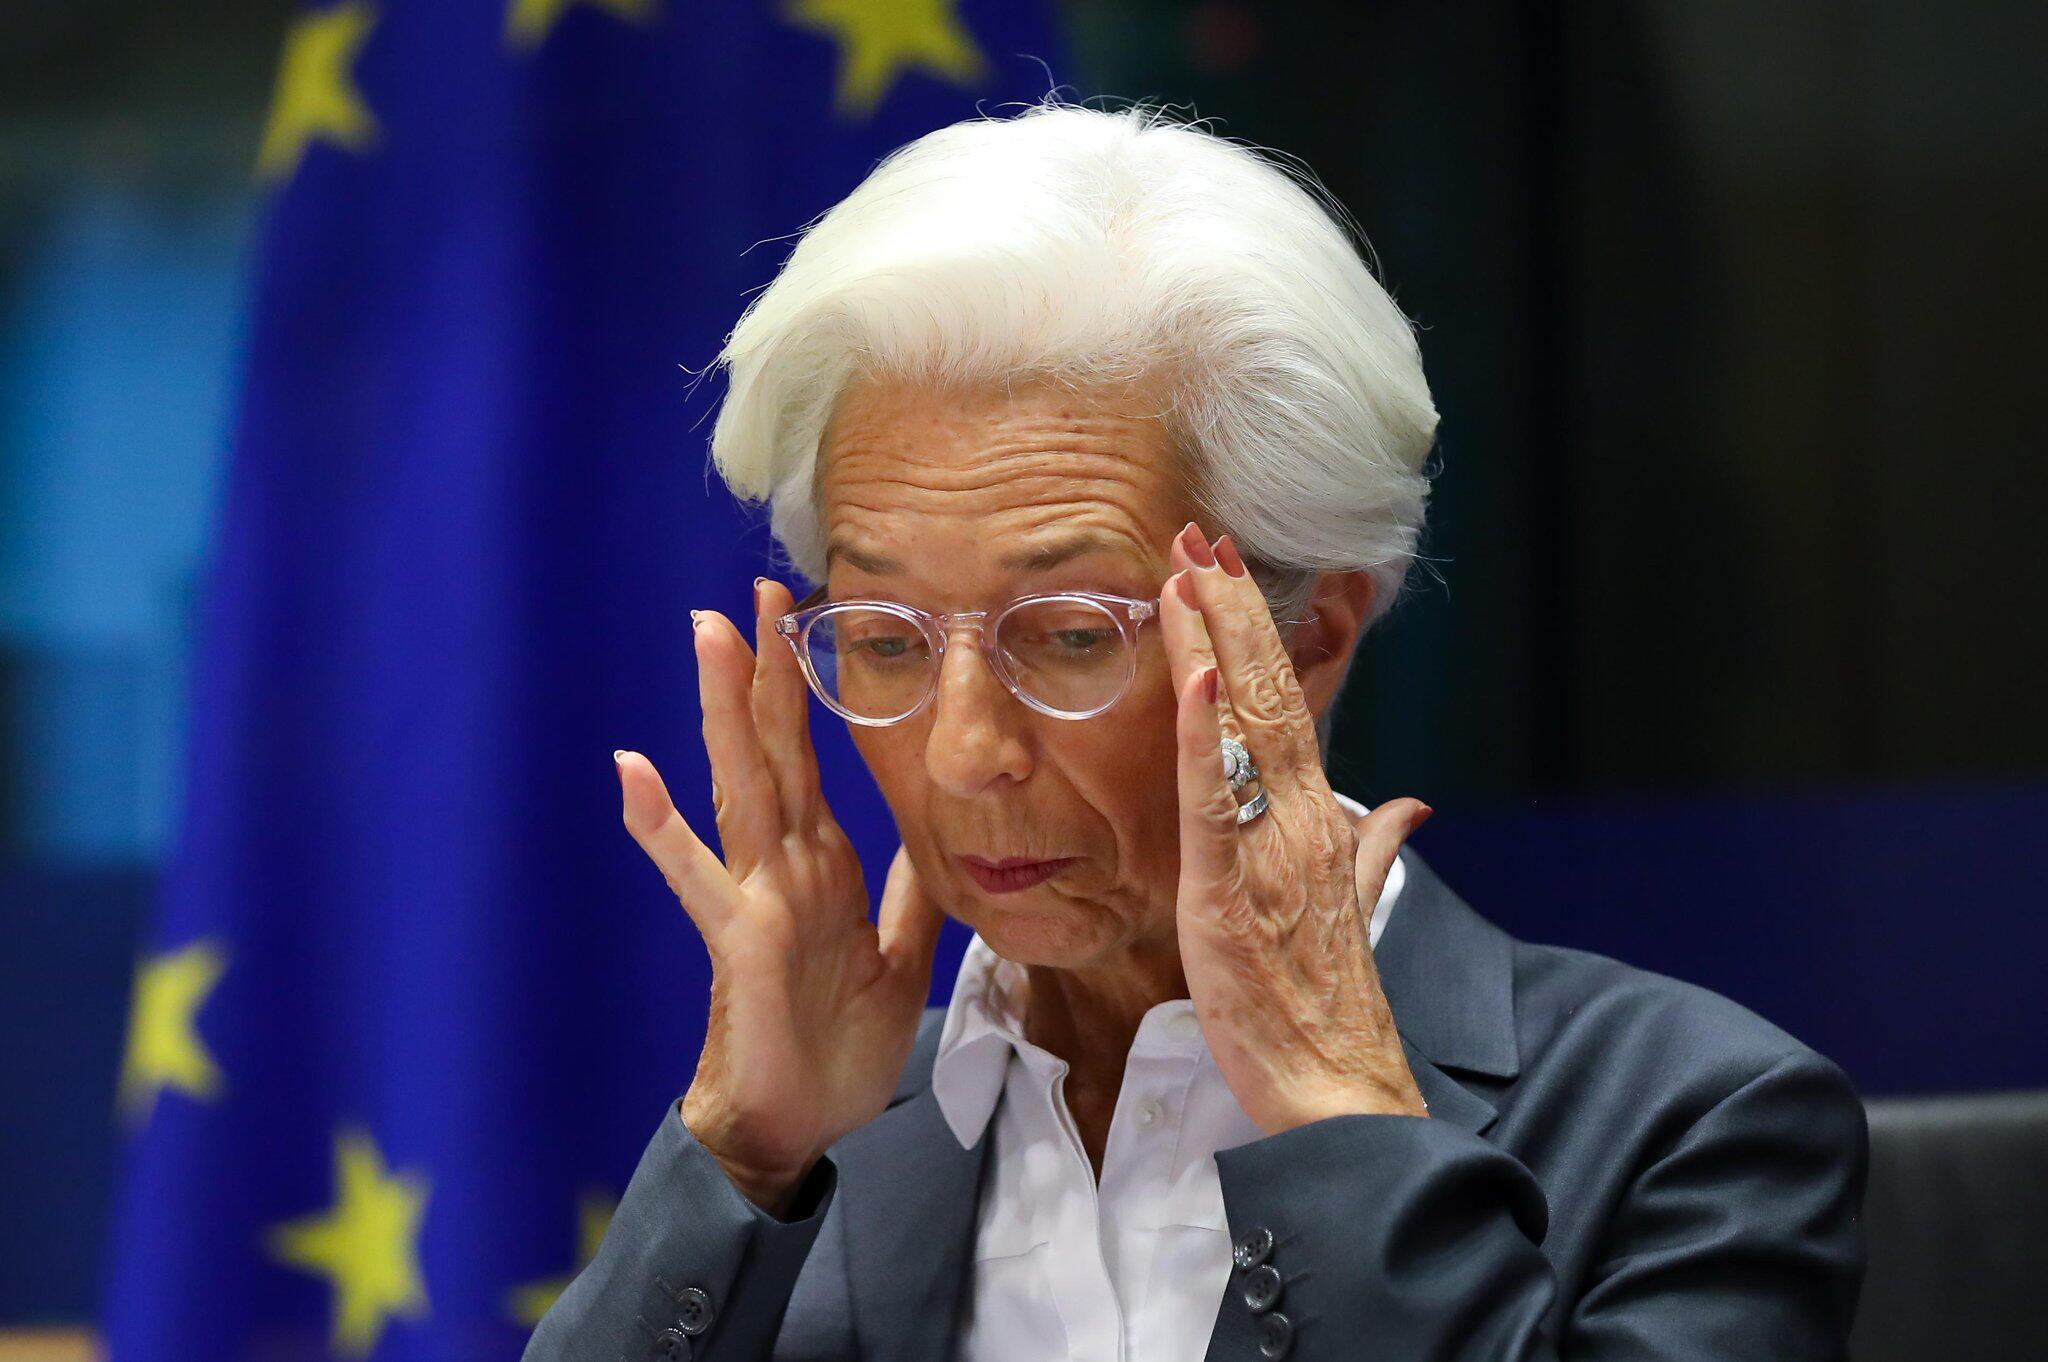 Bild zu Europaparlamentsausschuss, Christine Lagarde, EZB, Europäische Zentralbank